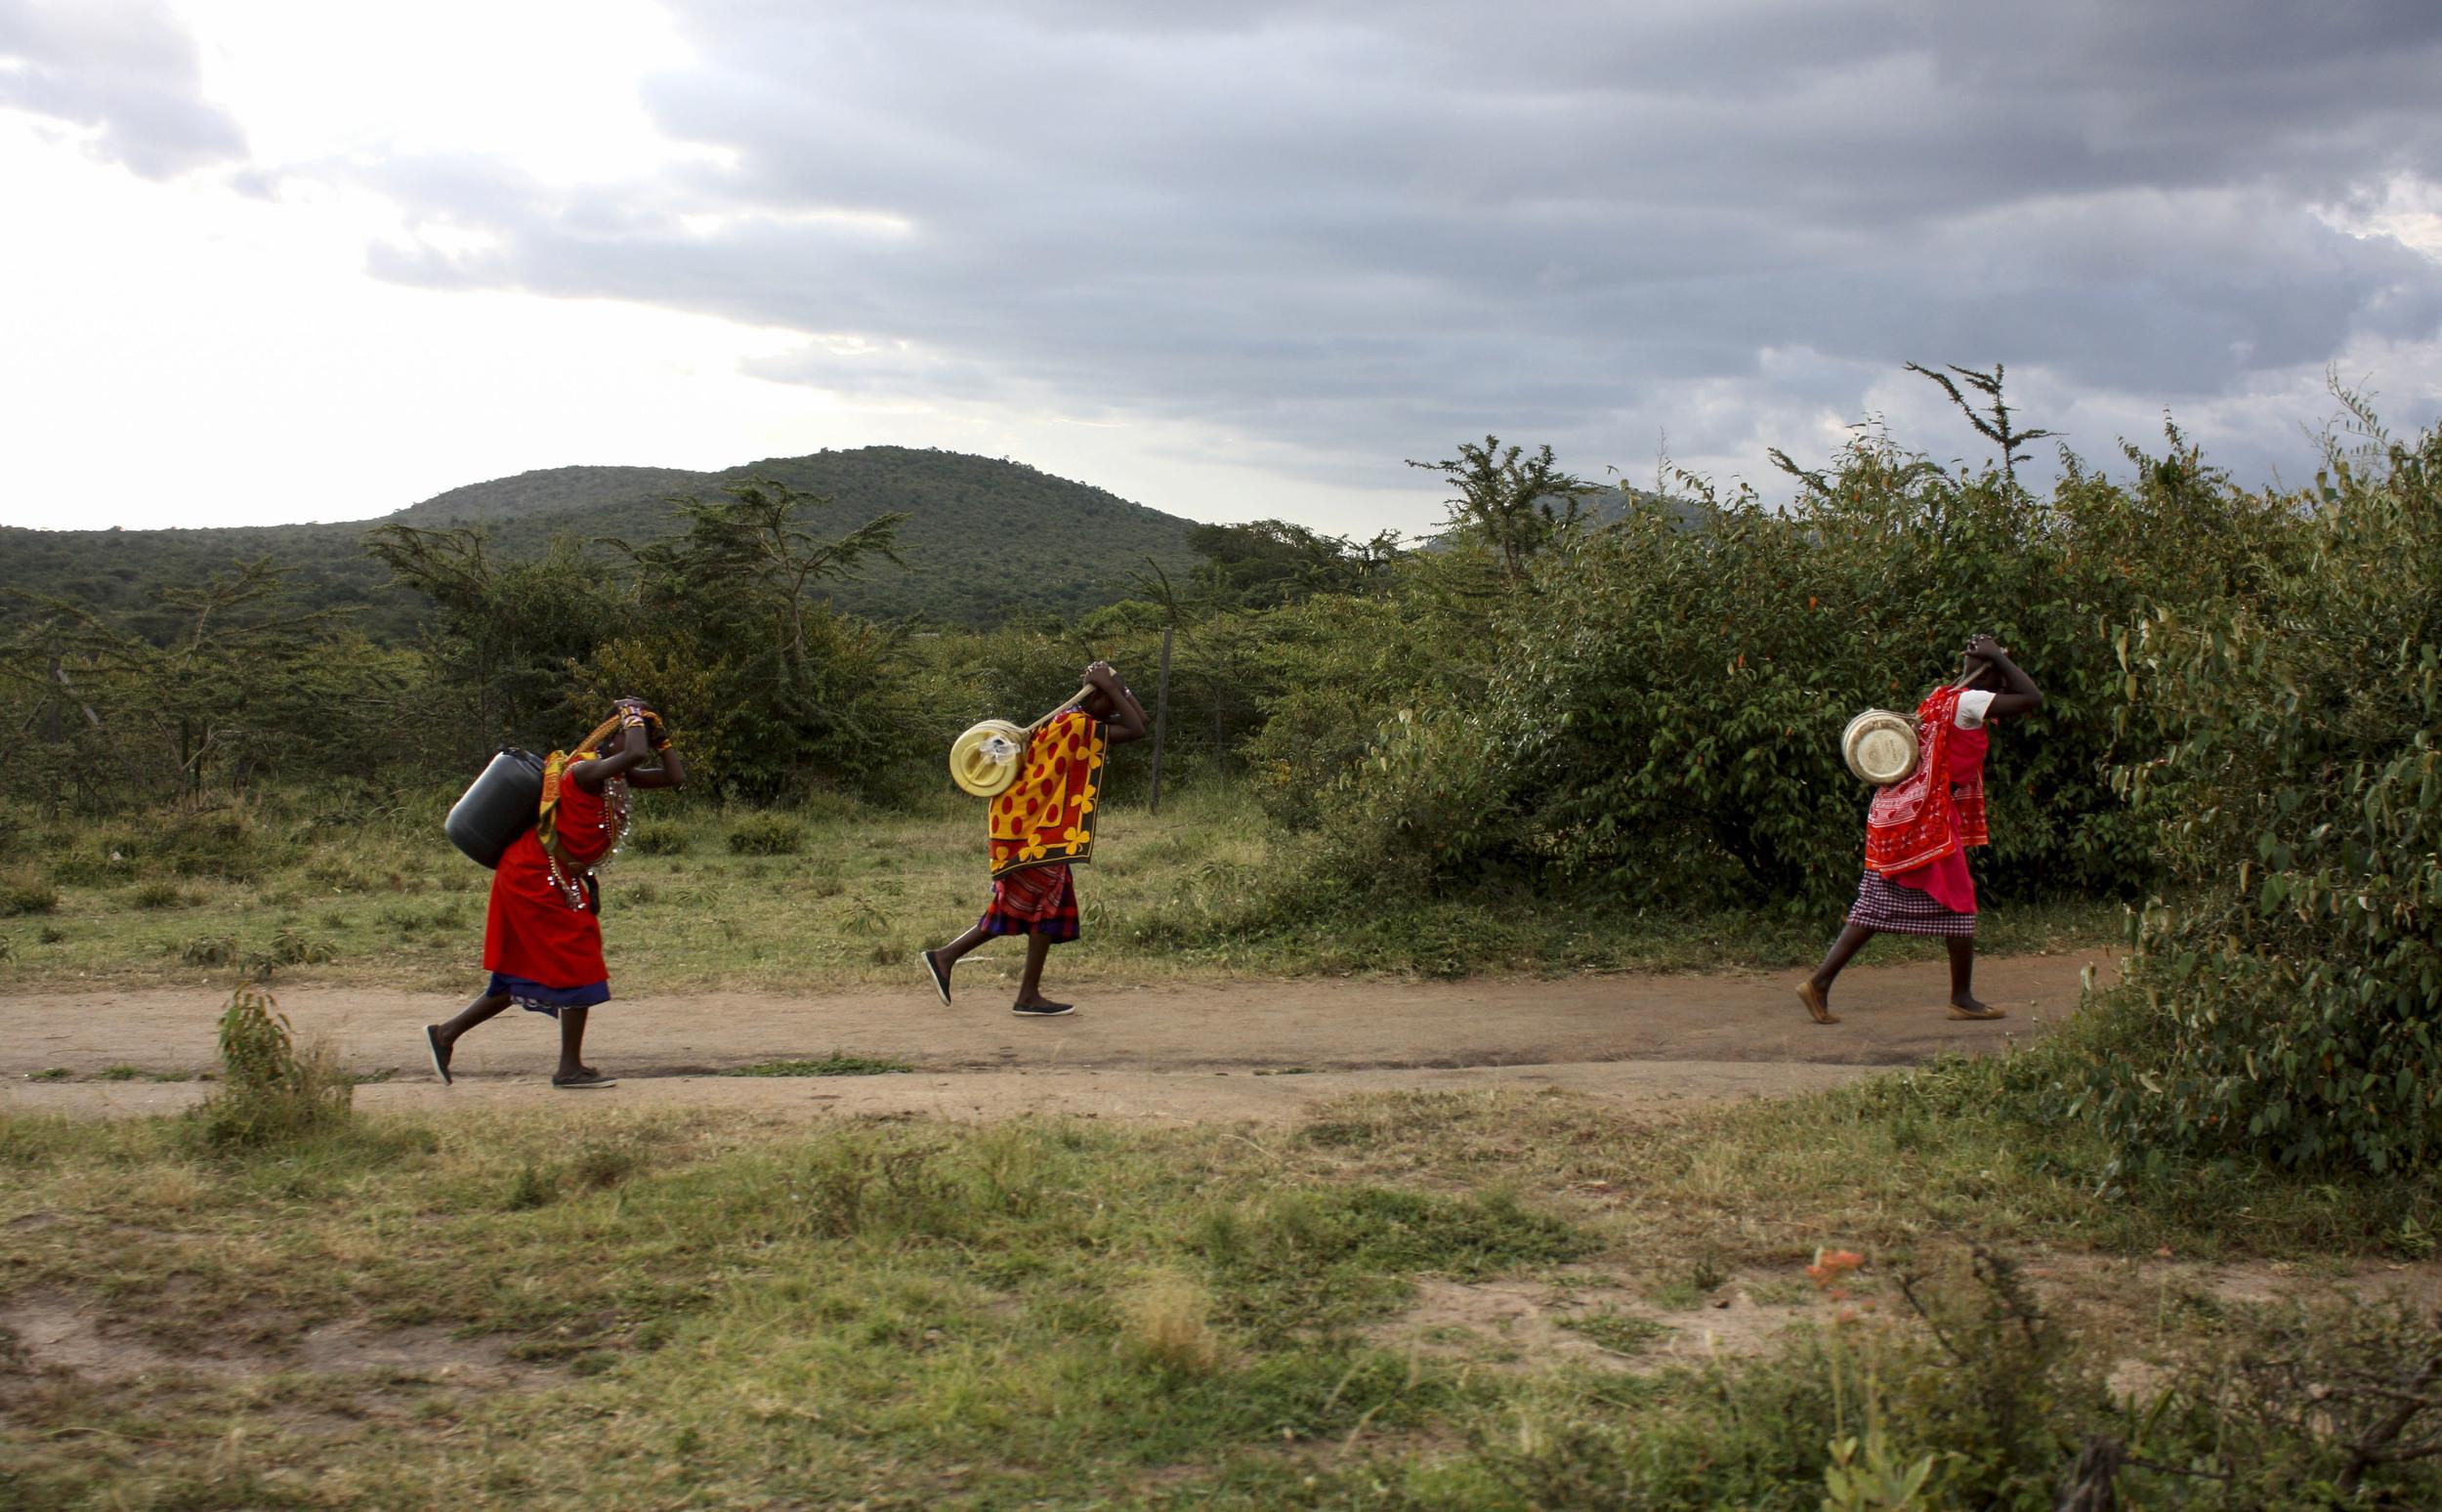 Masai Mara - Masai Village - 28-31.06 (87)R.jpg